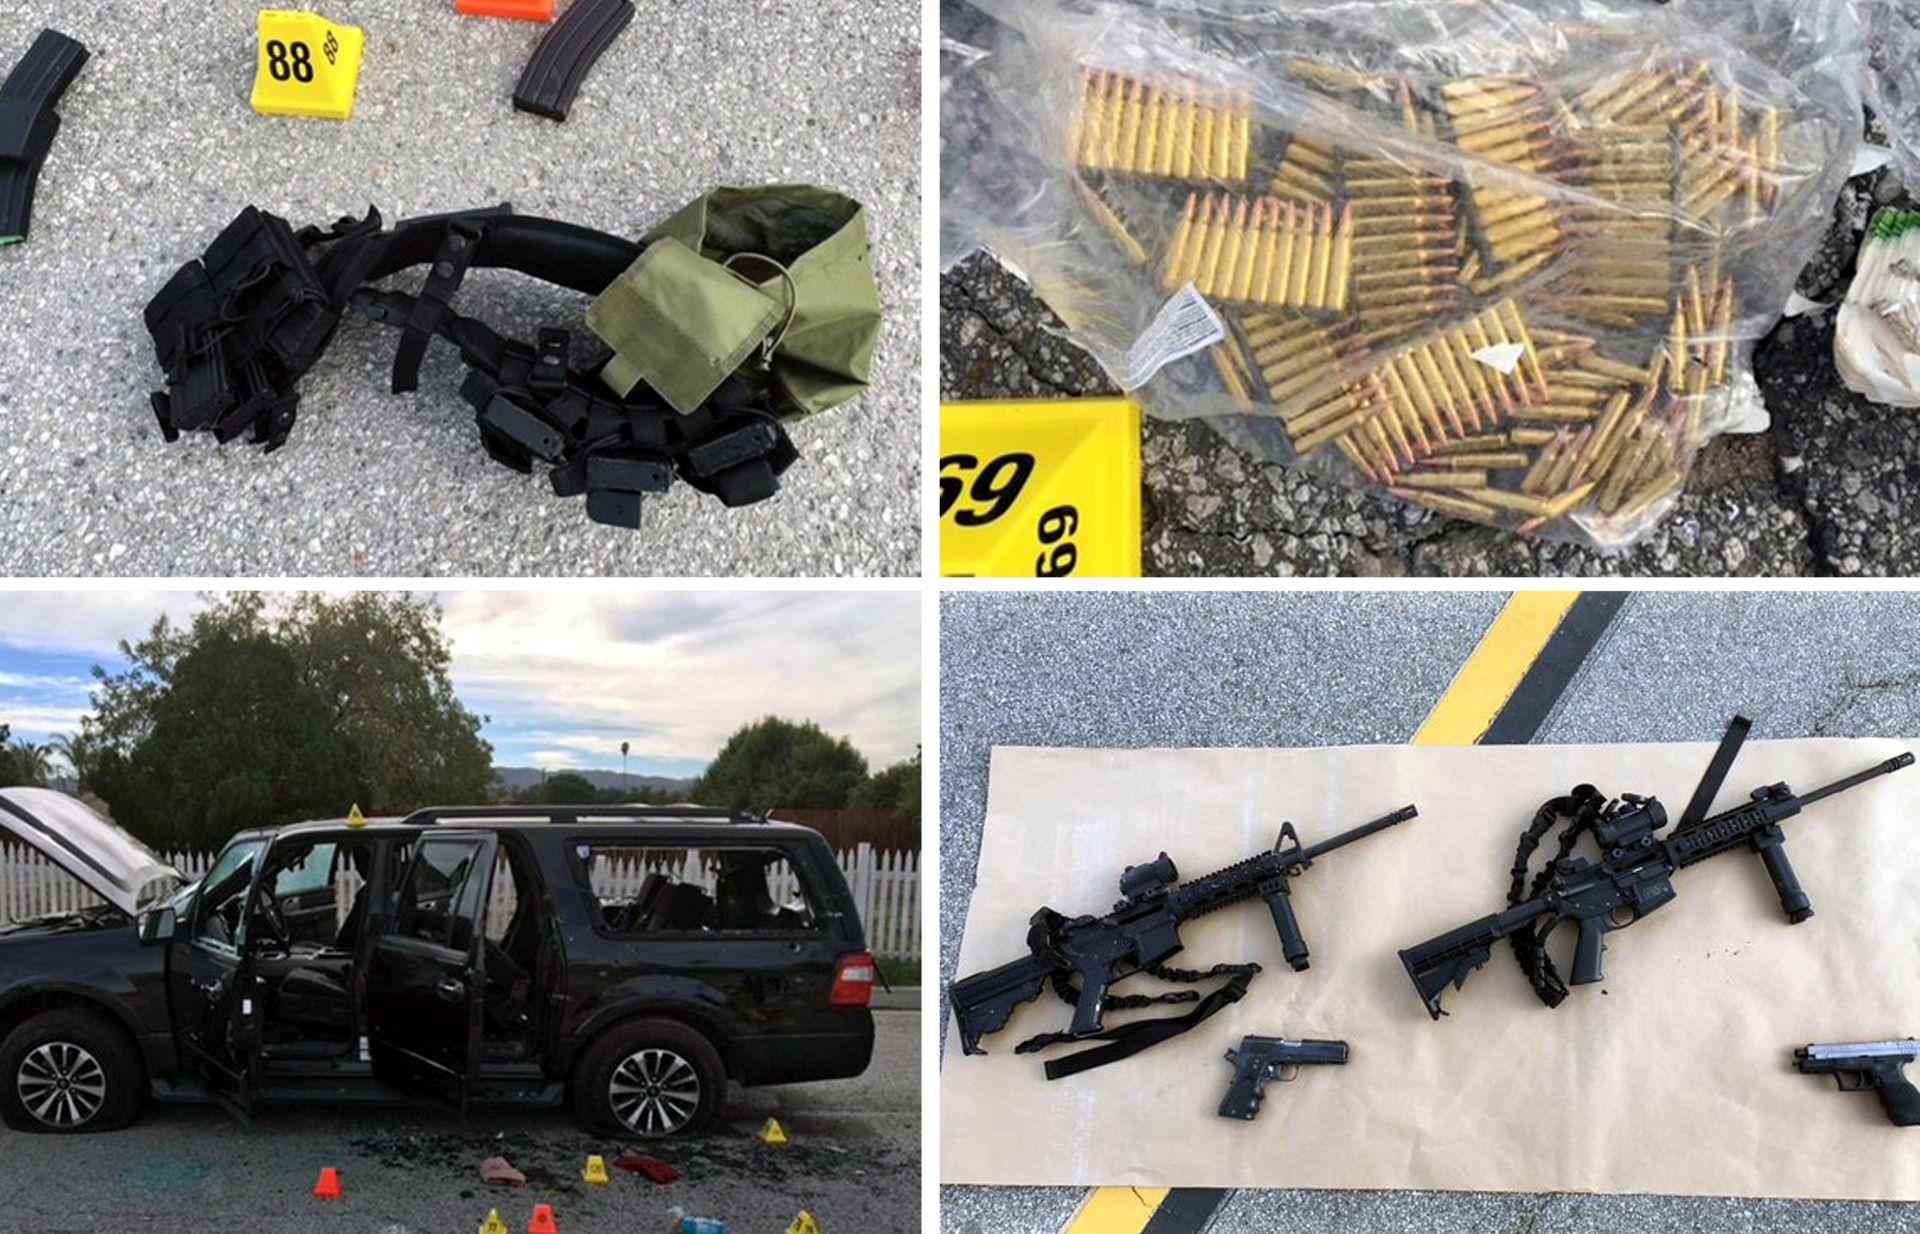 FBI: Napadači iz San Bernardina vježbali gađanje, bili radikalizirani dulje vrijeme